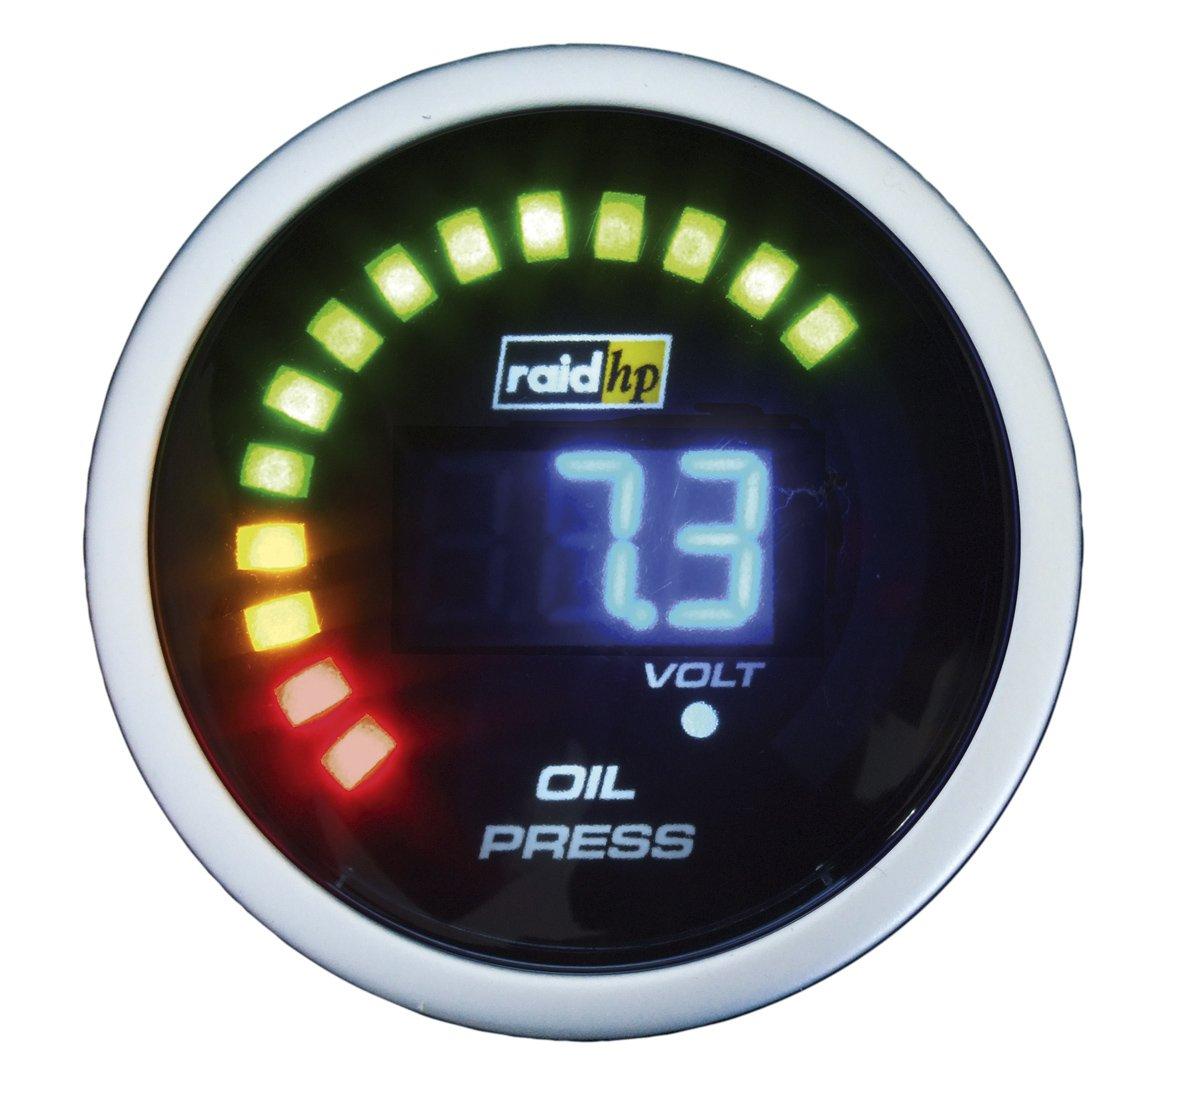 Raid hp 660501 Night Flight Digital - Indicador digital de presió n de aceite, color azul